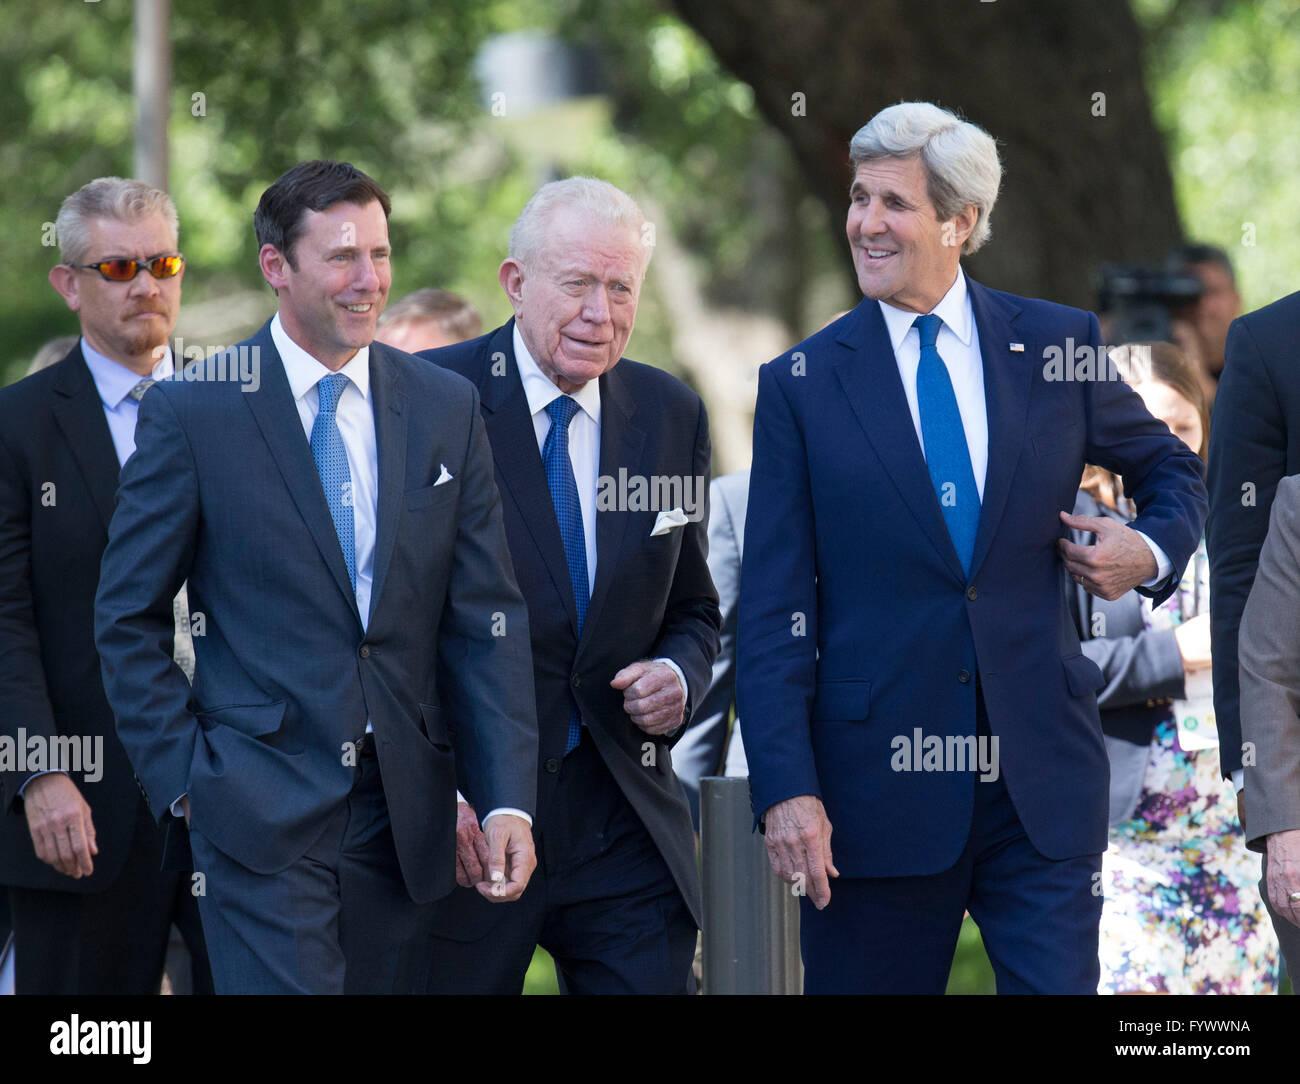 US-Außenminister John Kerry, Center, kommt bei der LBJ Library für eine Keynote-Rede während des Vietnam-Kriegs-Gipfels. Stockfoto